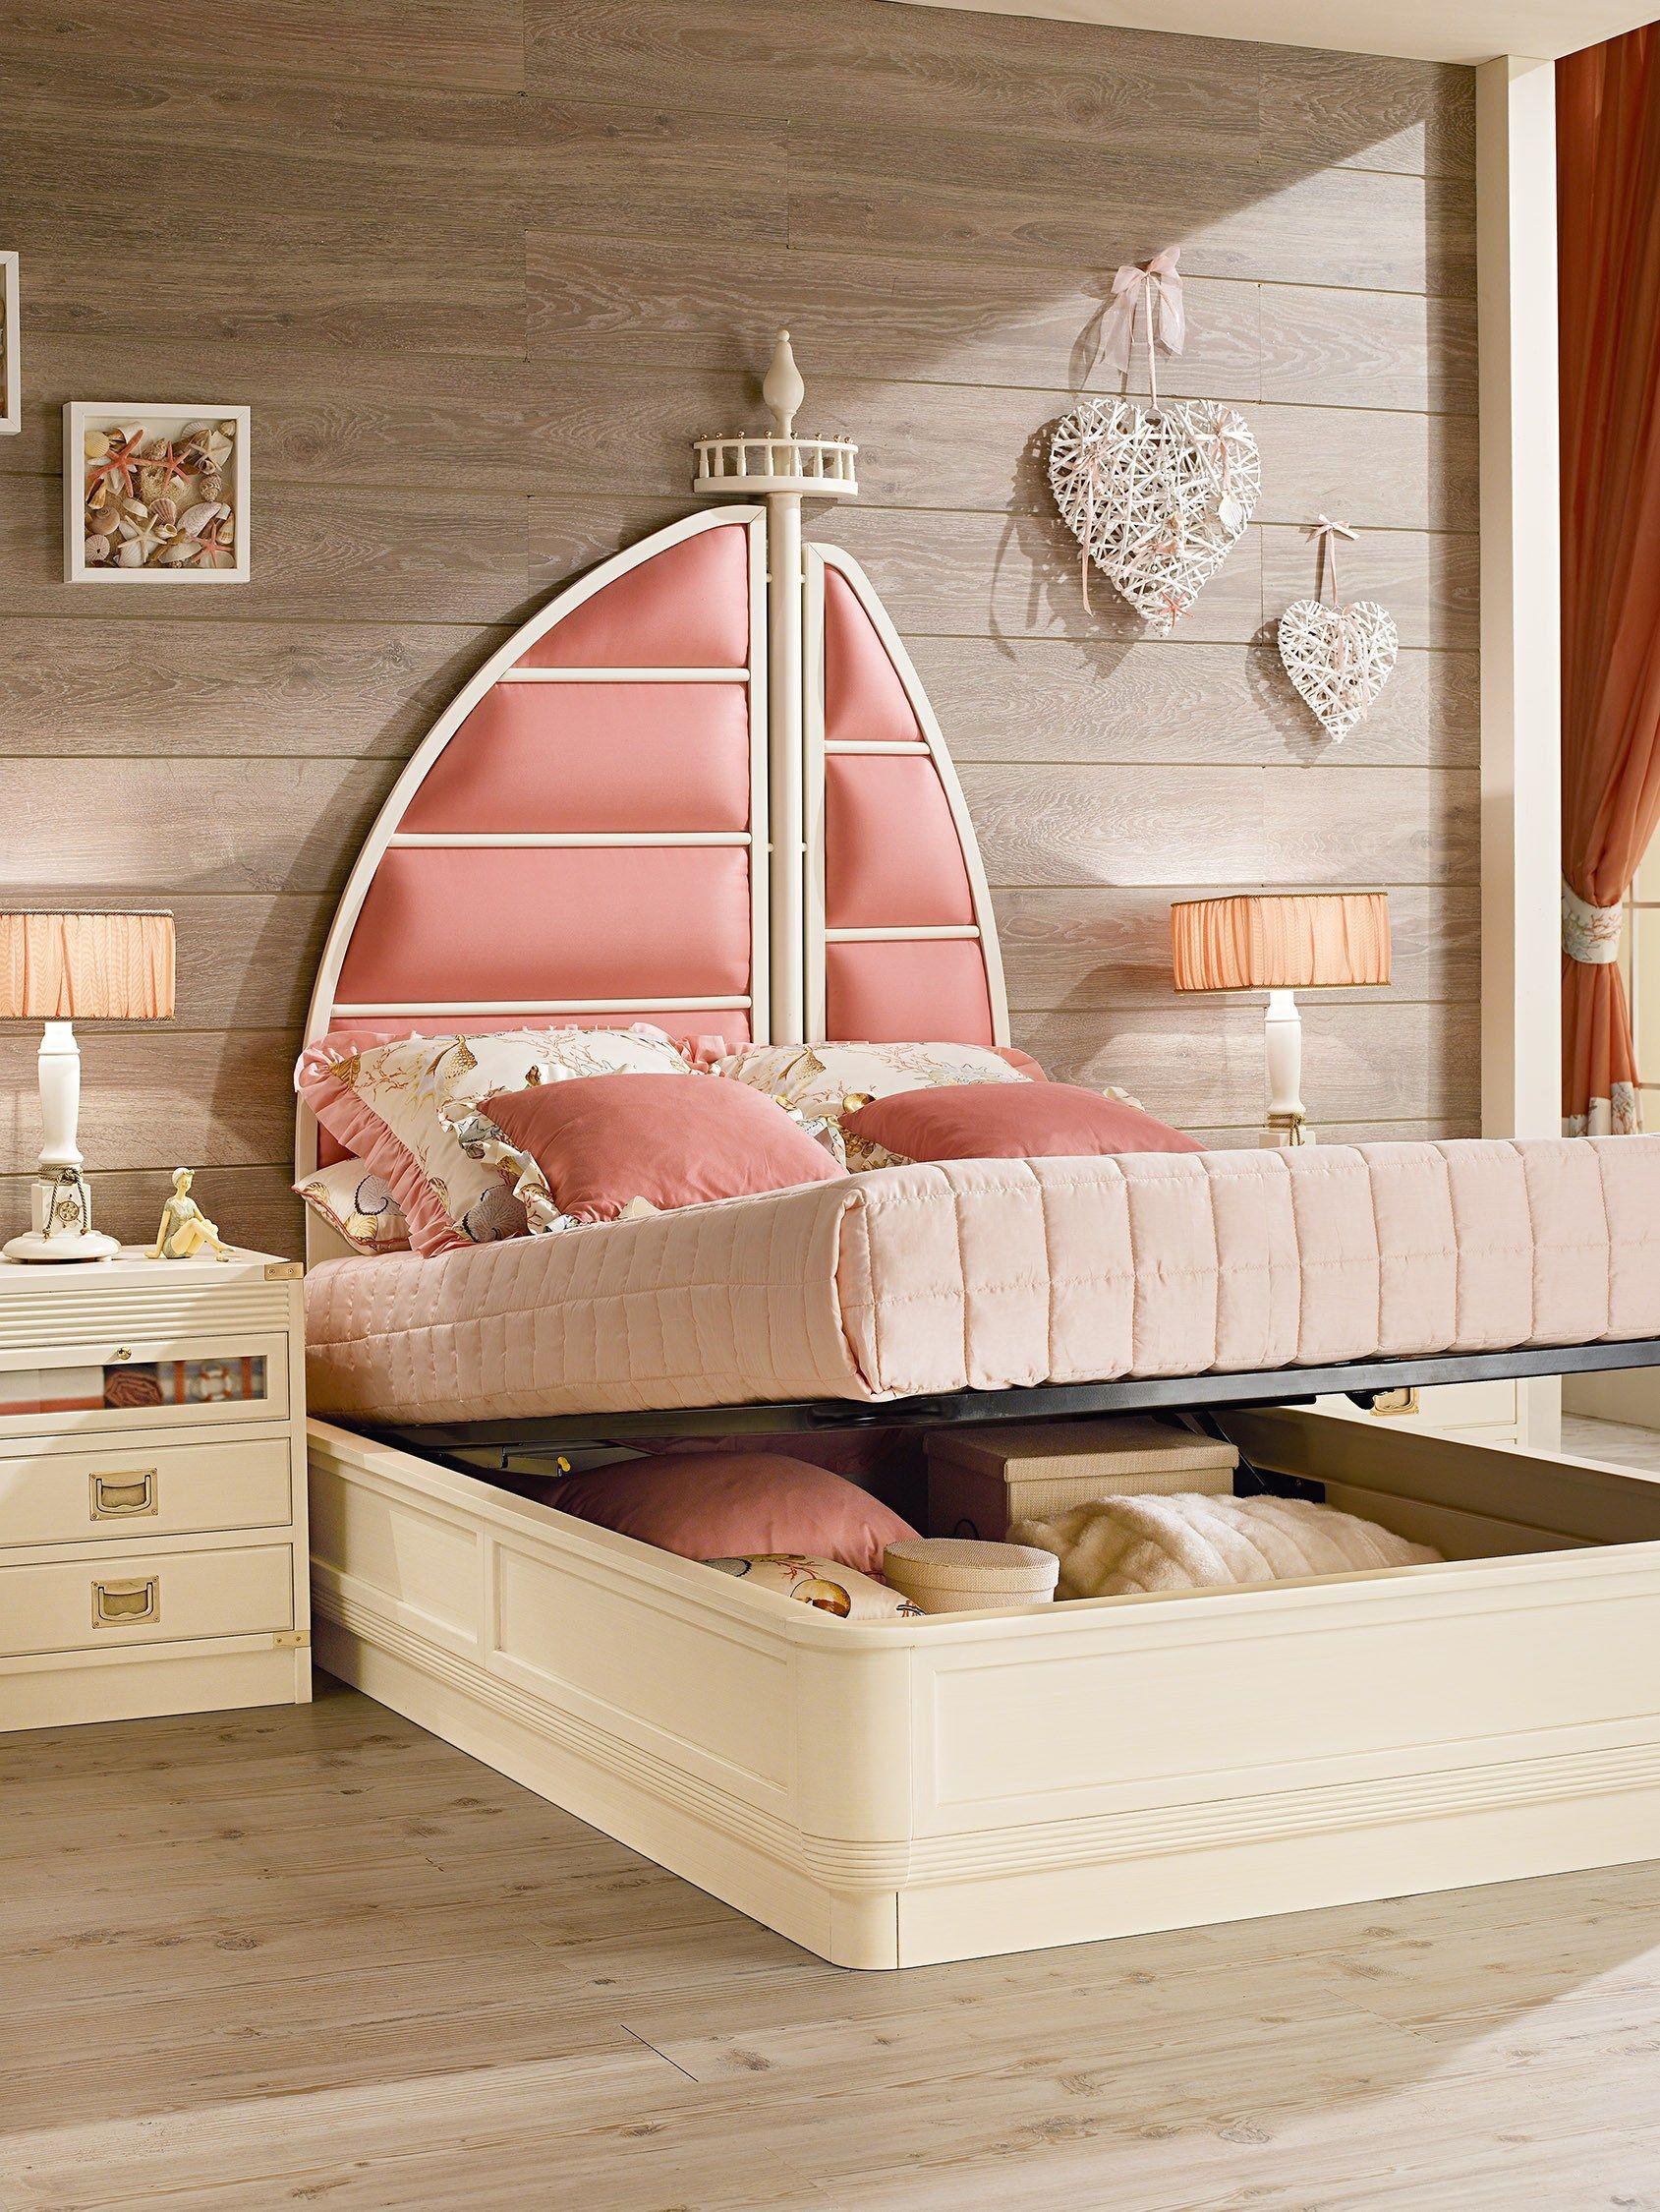 Cama de estilo tradicional para habitaciones de niños Cama ...